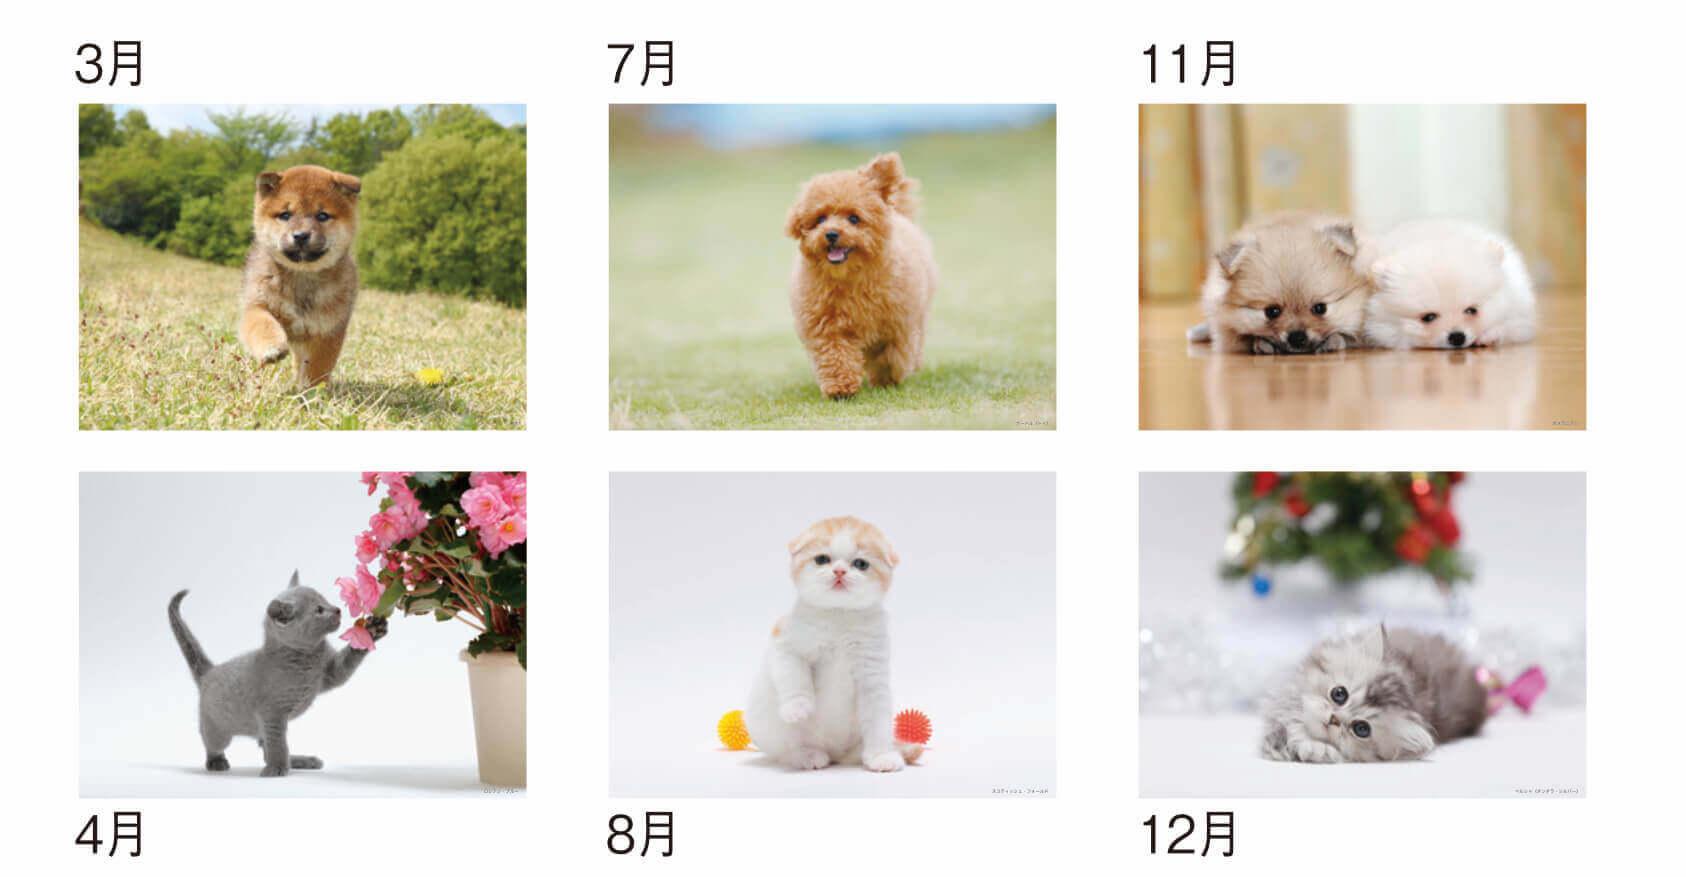 Dog&Cat 2022年カレンダーの画像